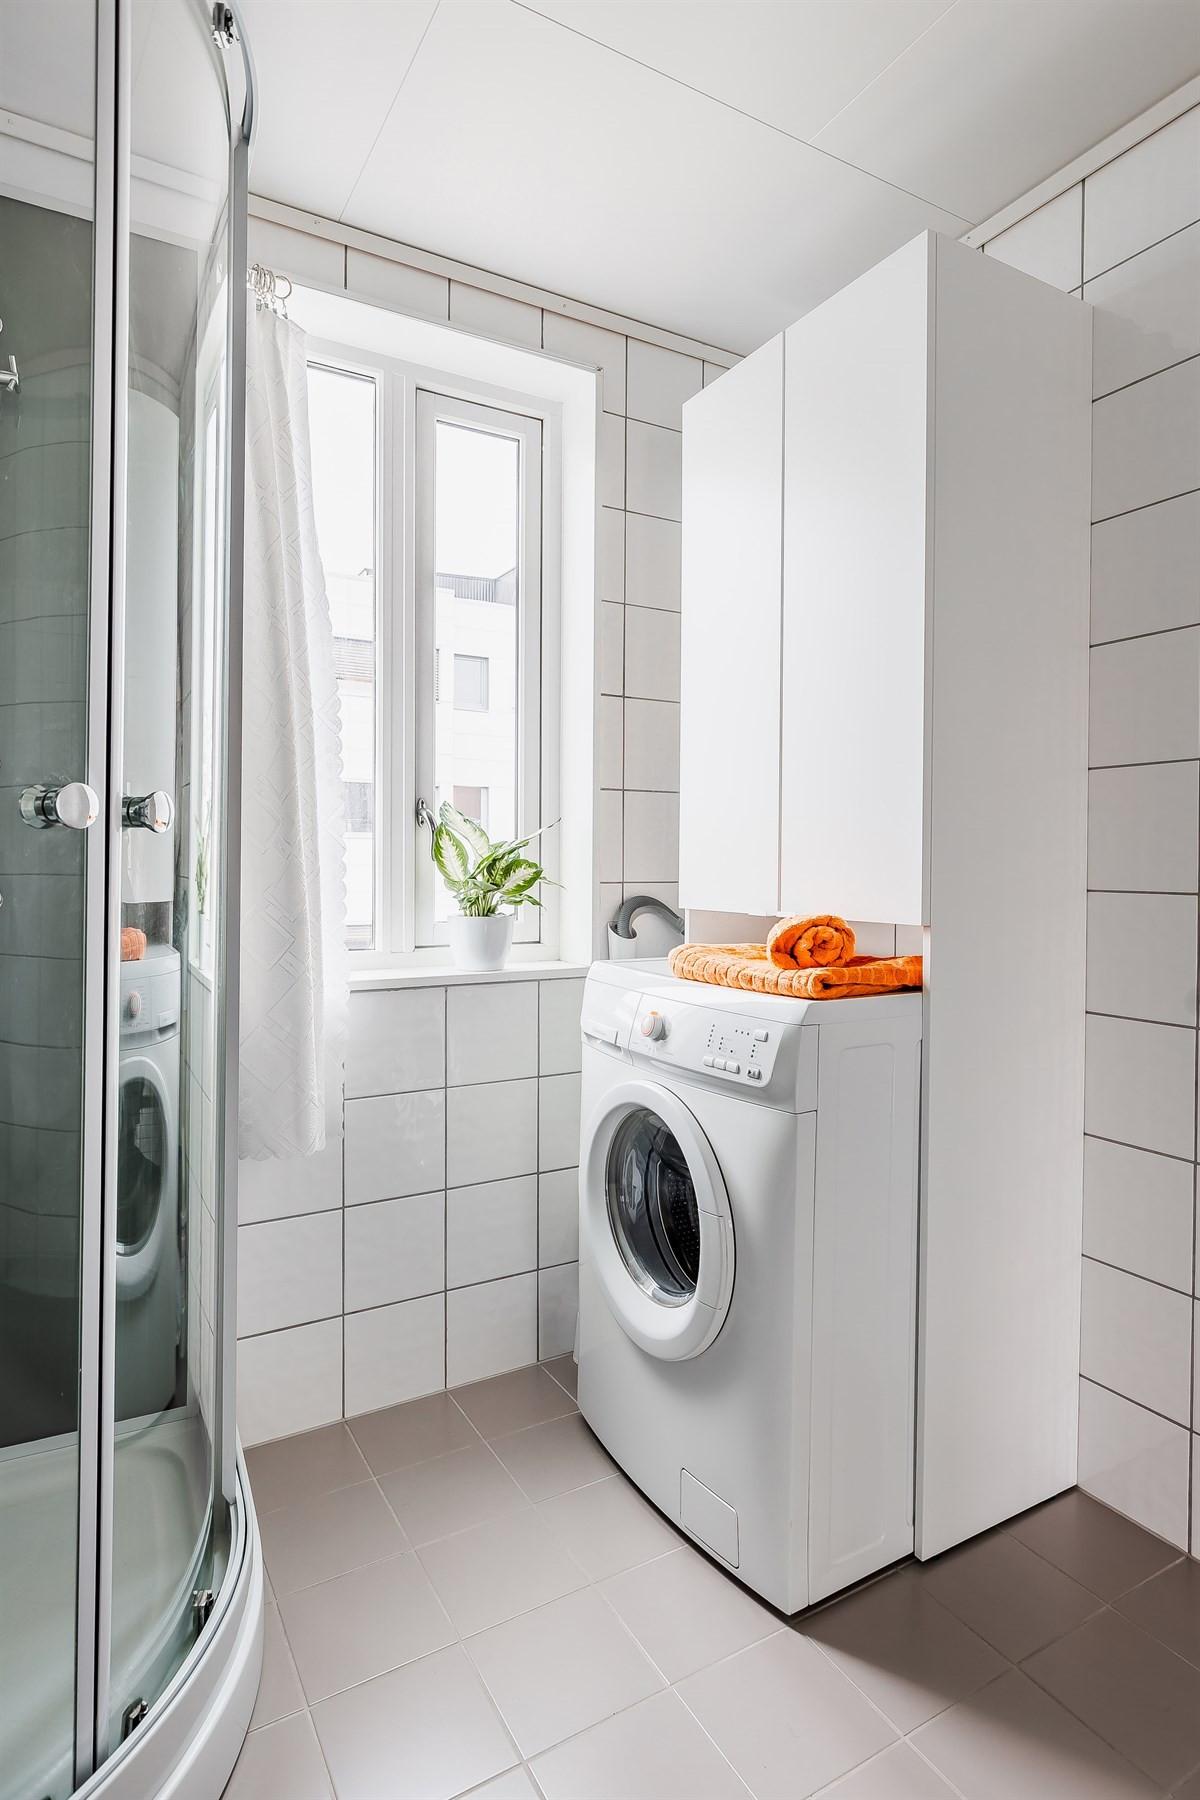 Opplegg for vaskemasking og skap til oppbevaring